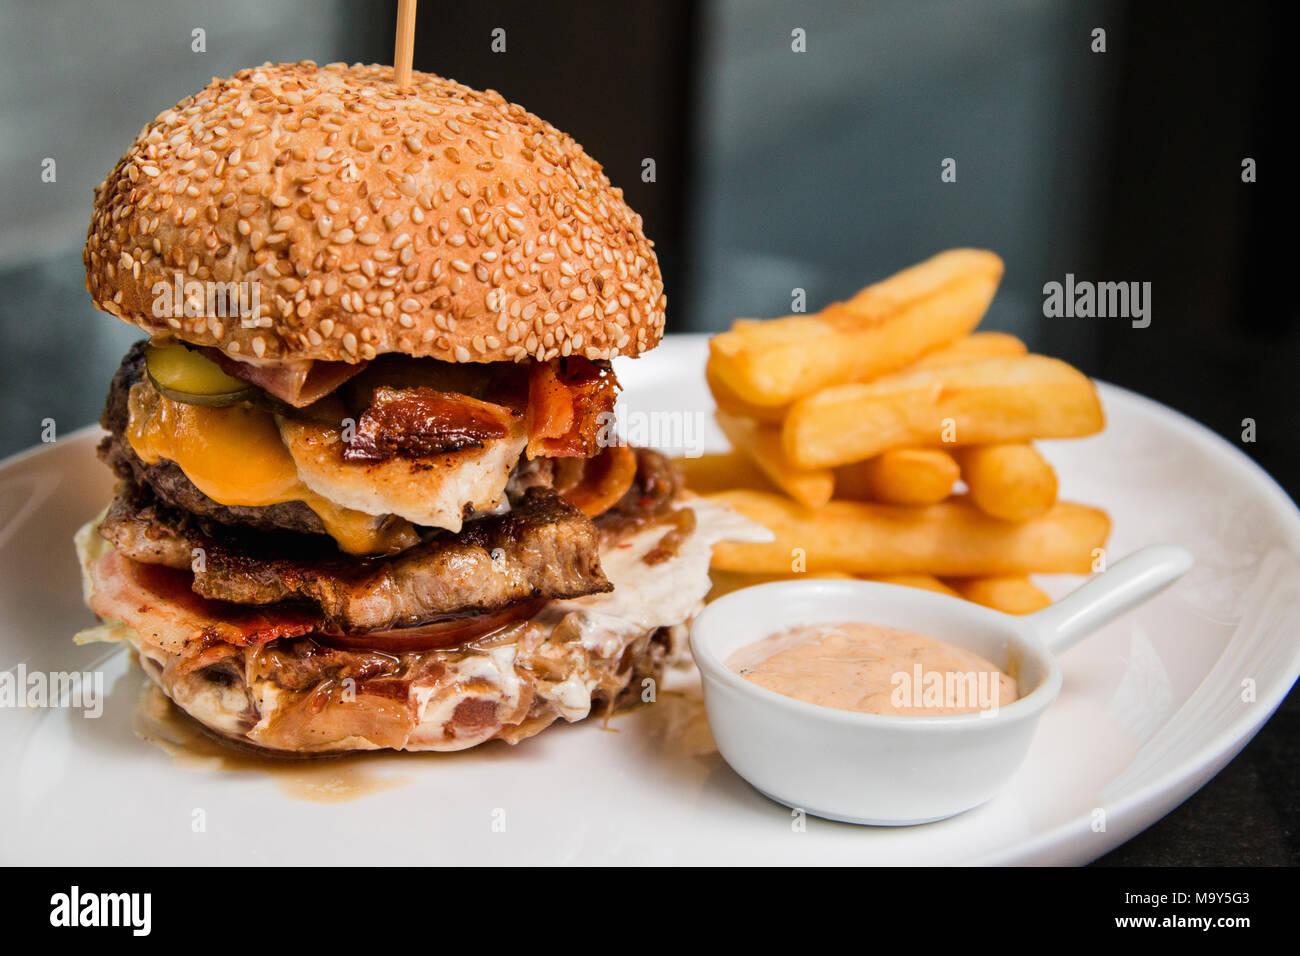 Nahaufnahme von einem leckeren Burger mit Sauce und Pommes Frites Stockbild